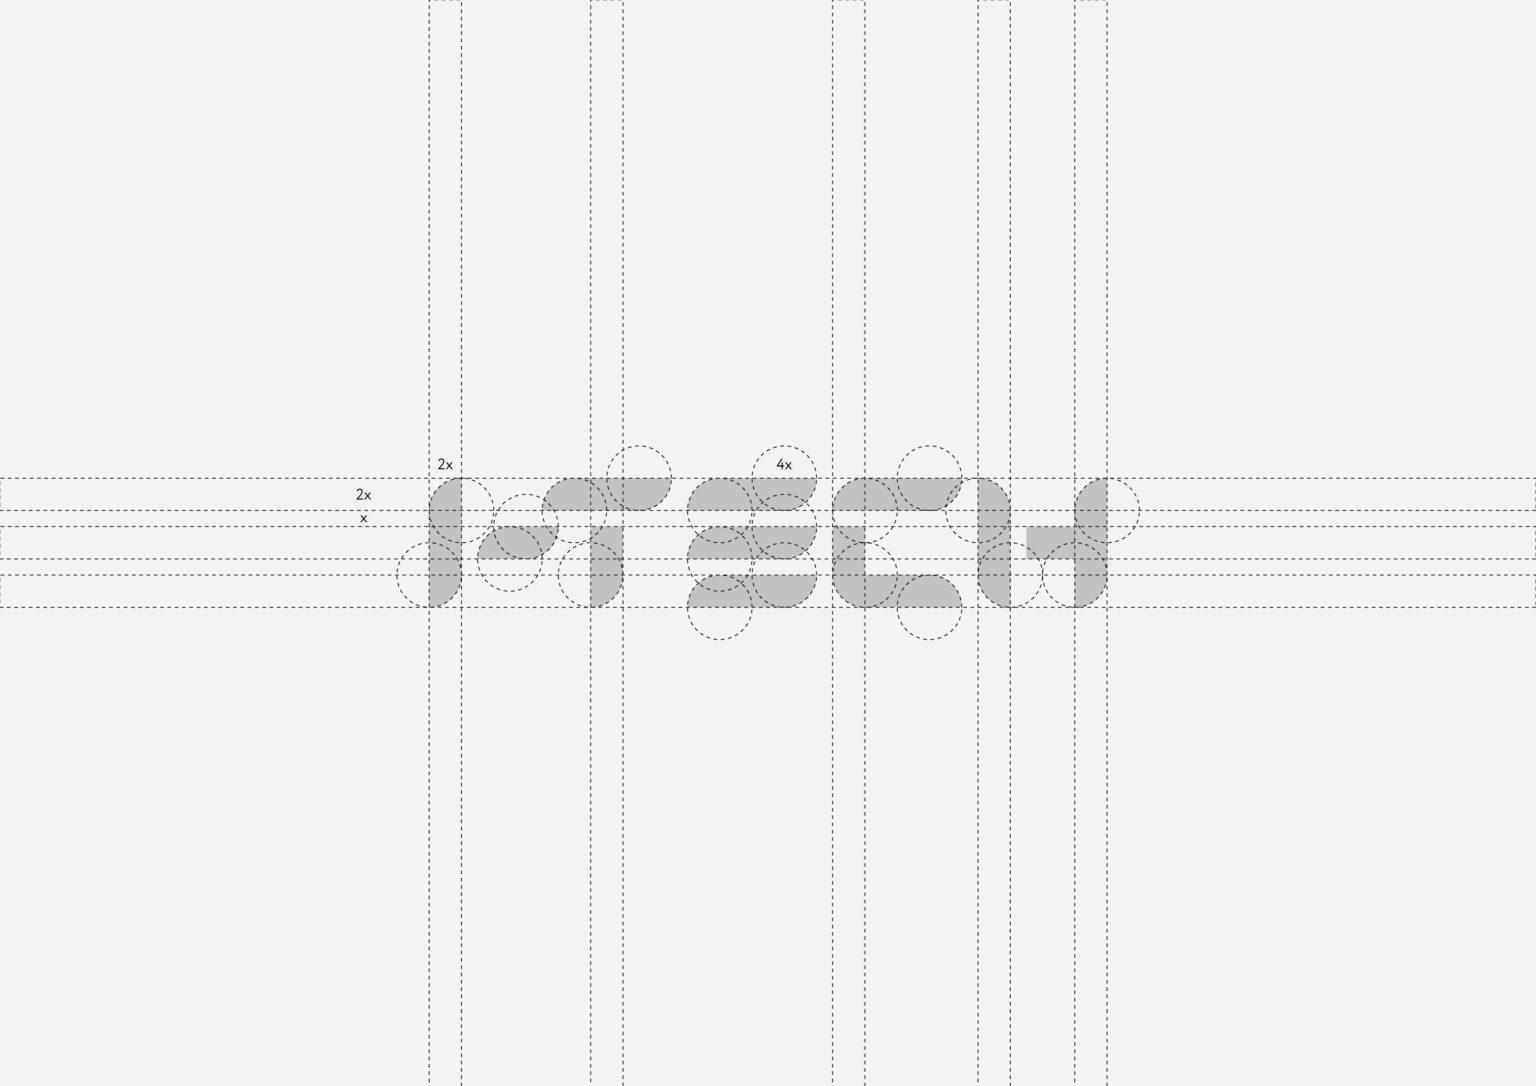 Логотип поставщика сантехники I-Tech (г. Хабаровск)